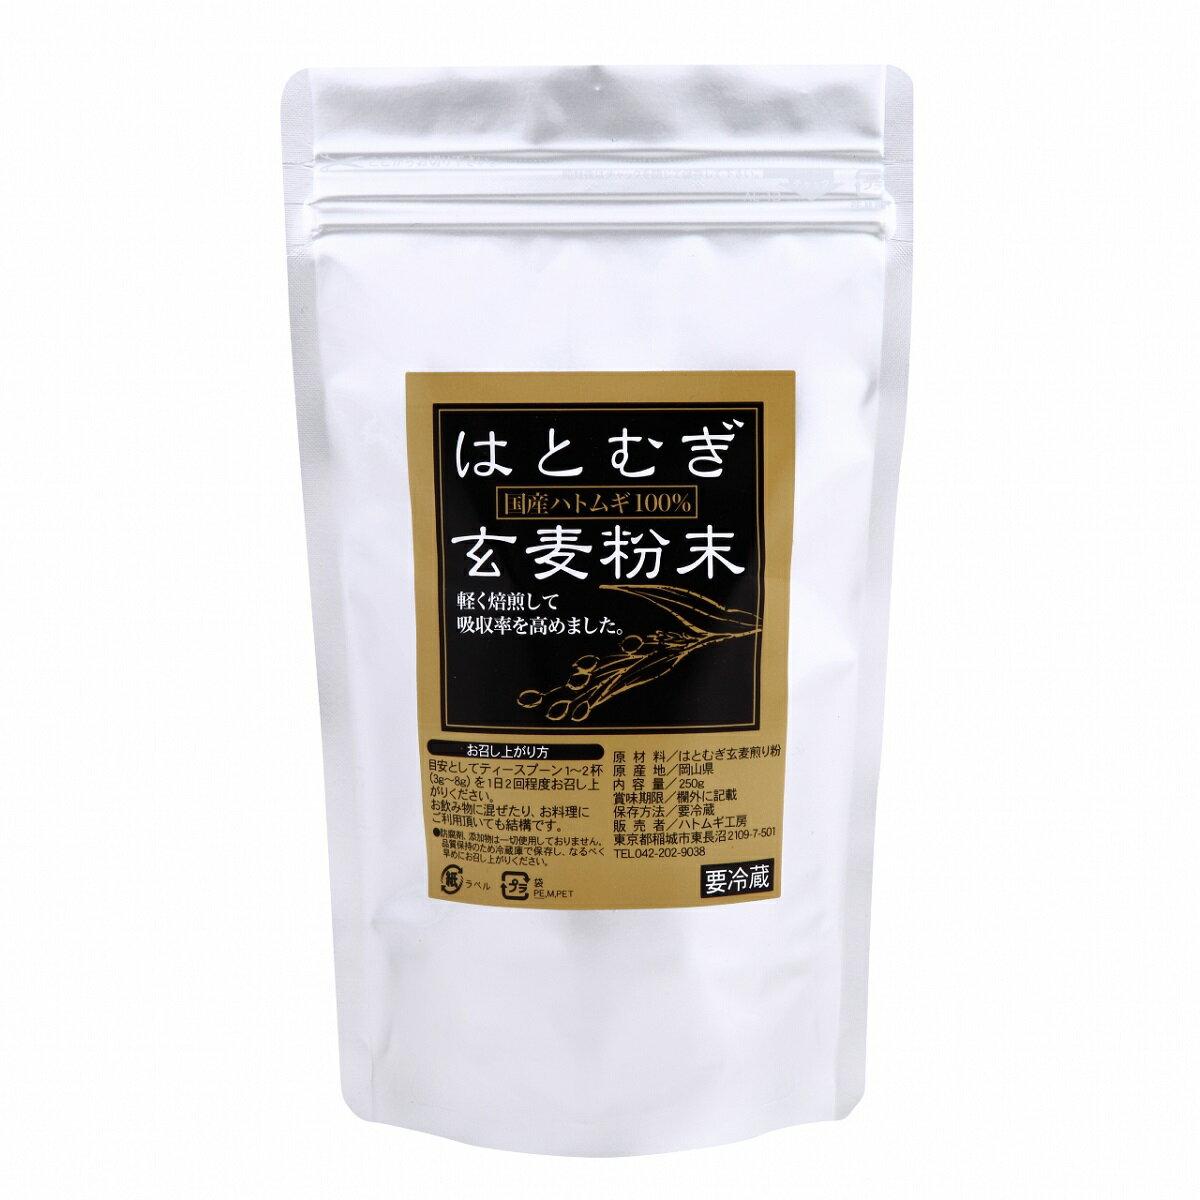 【ヨクイニン】岡山県産100%!はとむぎ玄麦粉末(はとむぎ粉)